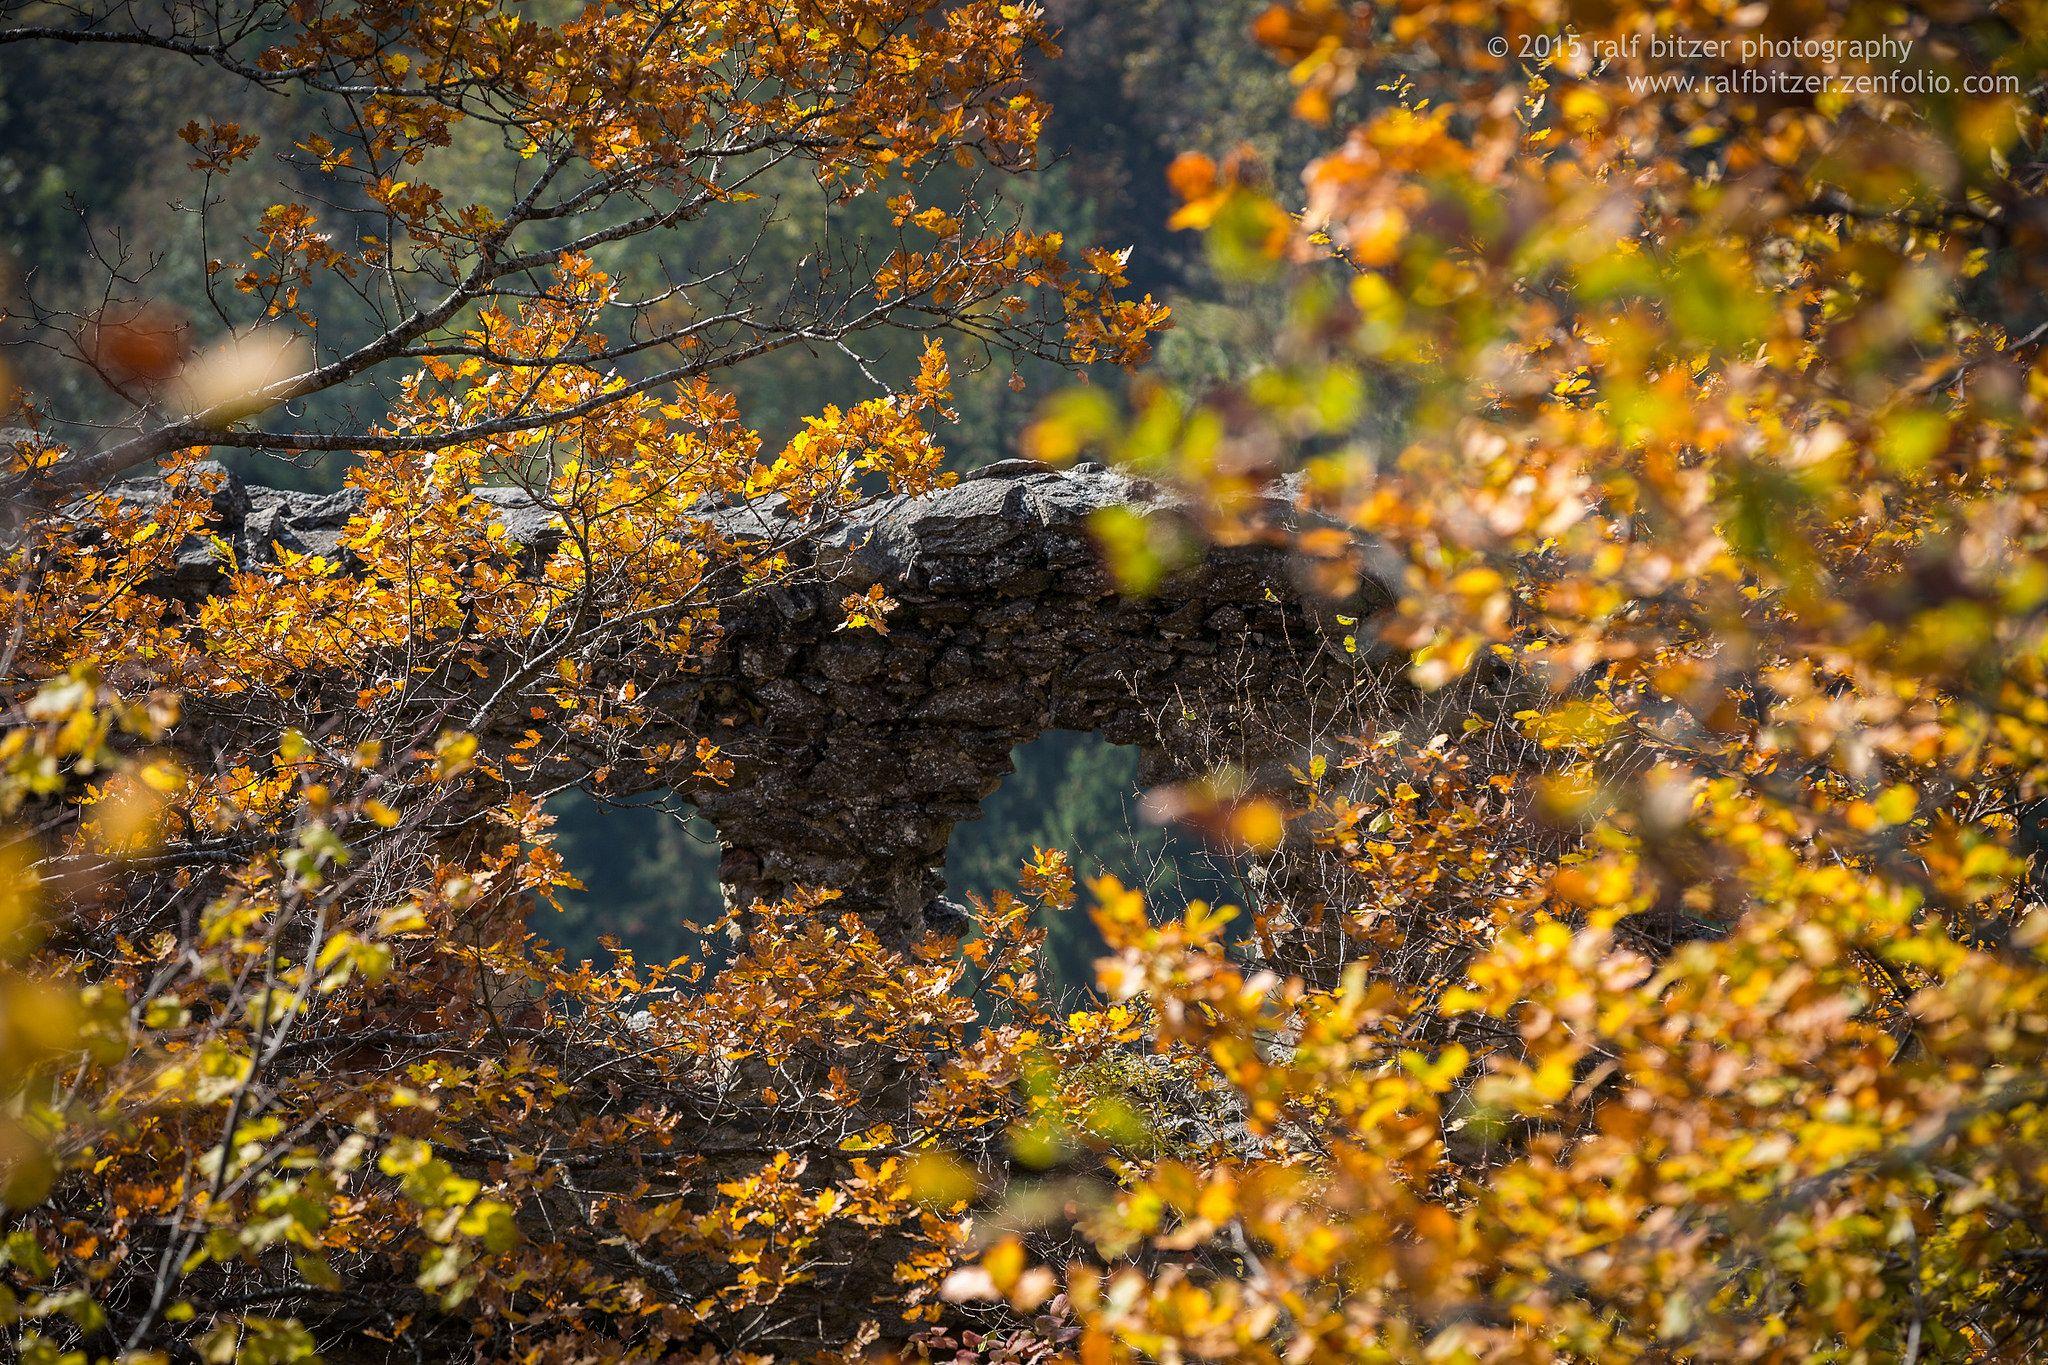 https://flic.kr/p/zWJHEw | The eyes of the castle | Mauerreste der Burgruine Hohenkrähen umrahmt von herbstlich gefärbten Bäumen, an einem traumhafter Oktober Tag.